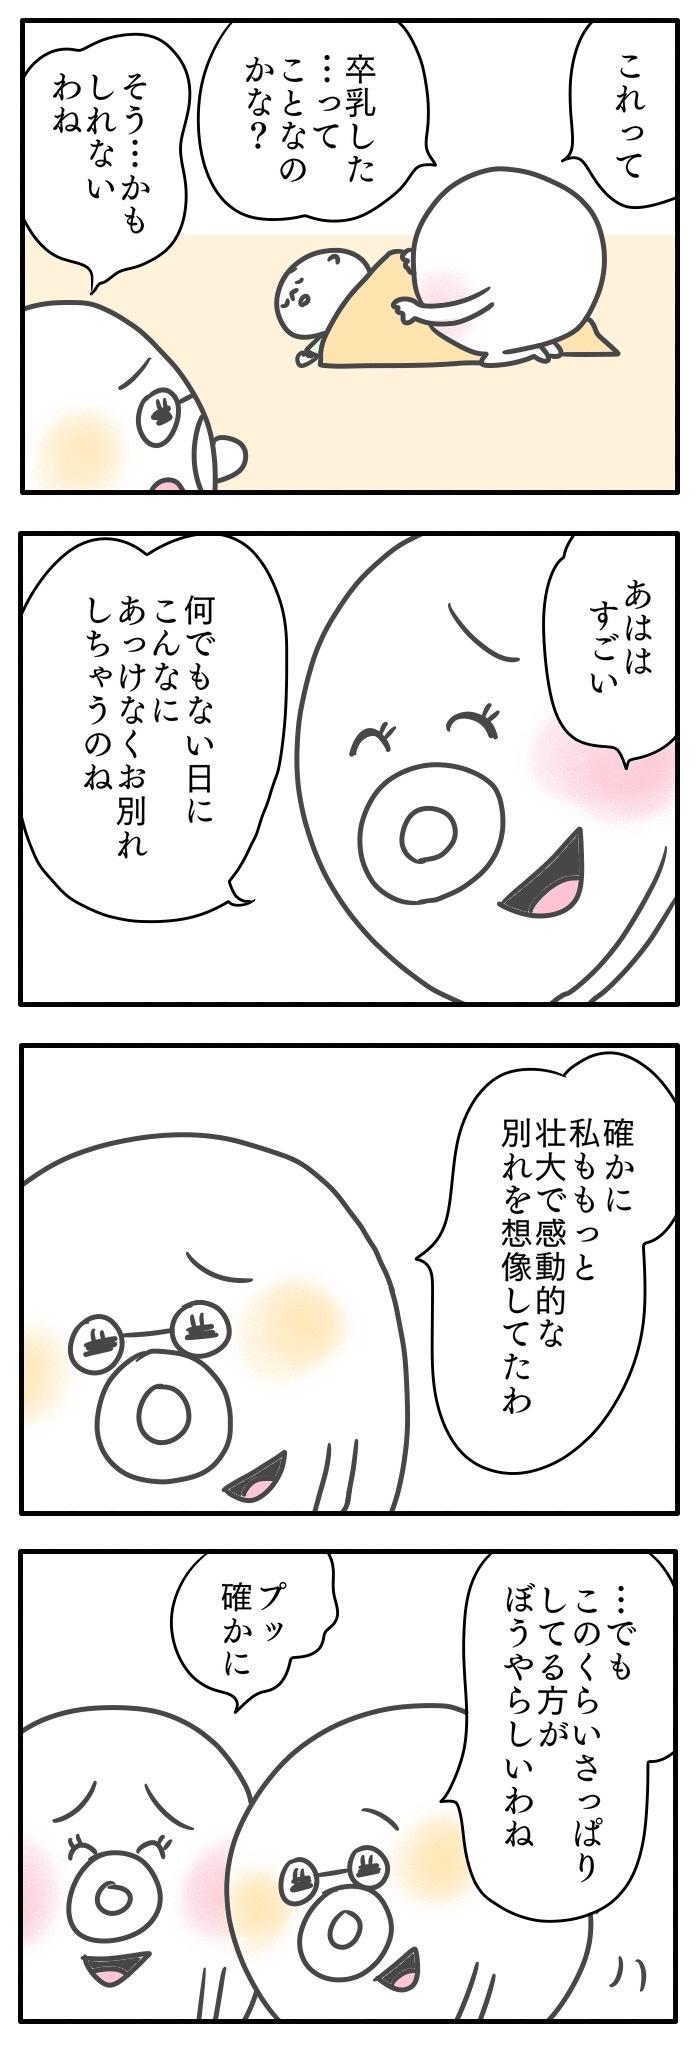 ありがとう、いってらっしゃい。/おっぱいとぼく2【最終話】の画像3